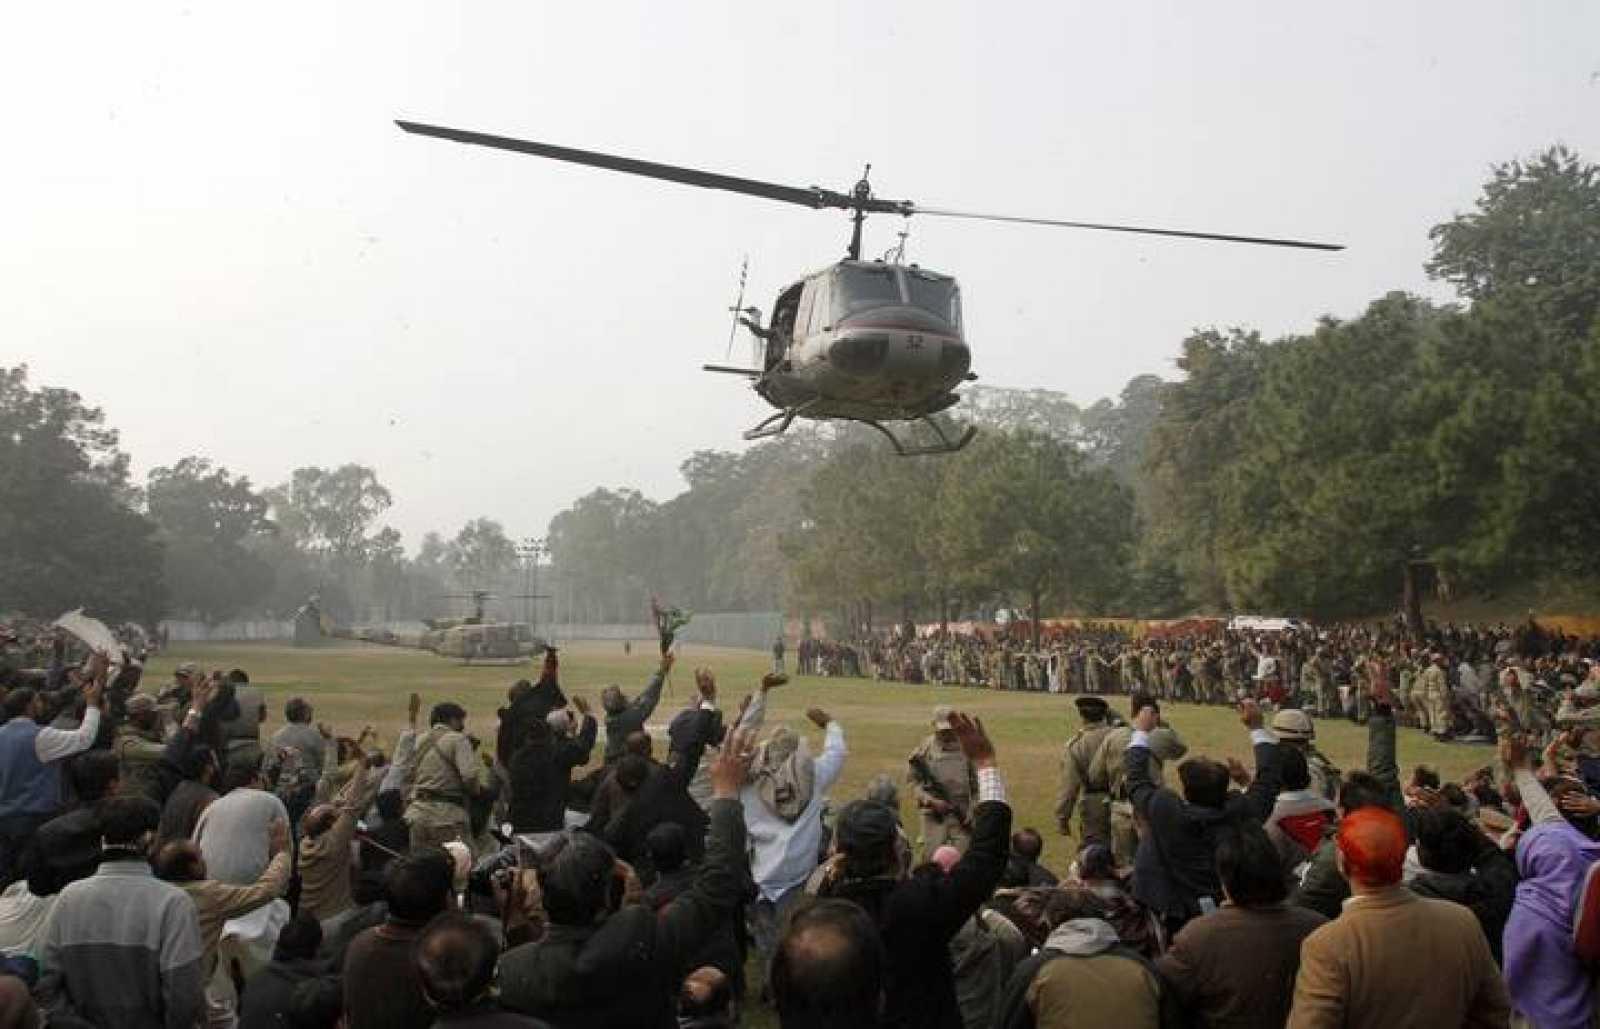 Seguidores del gobernador reciben al helicópetro que portaba el féretro